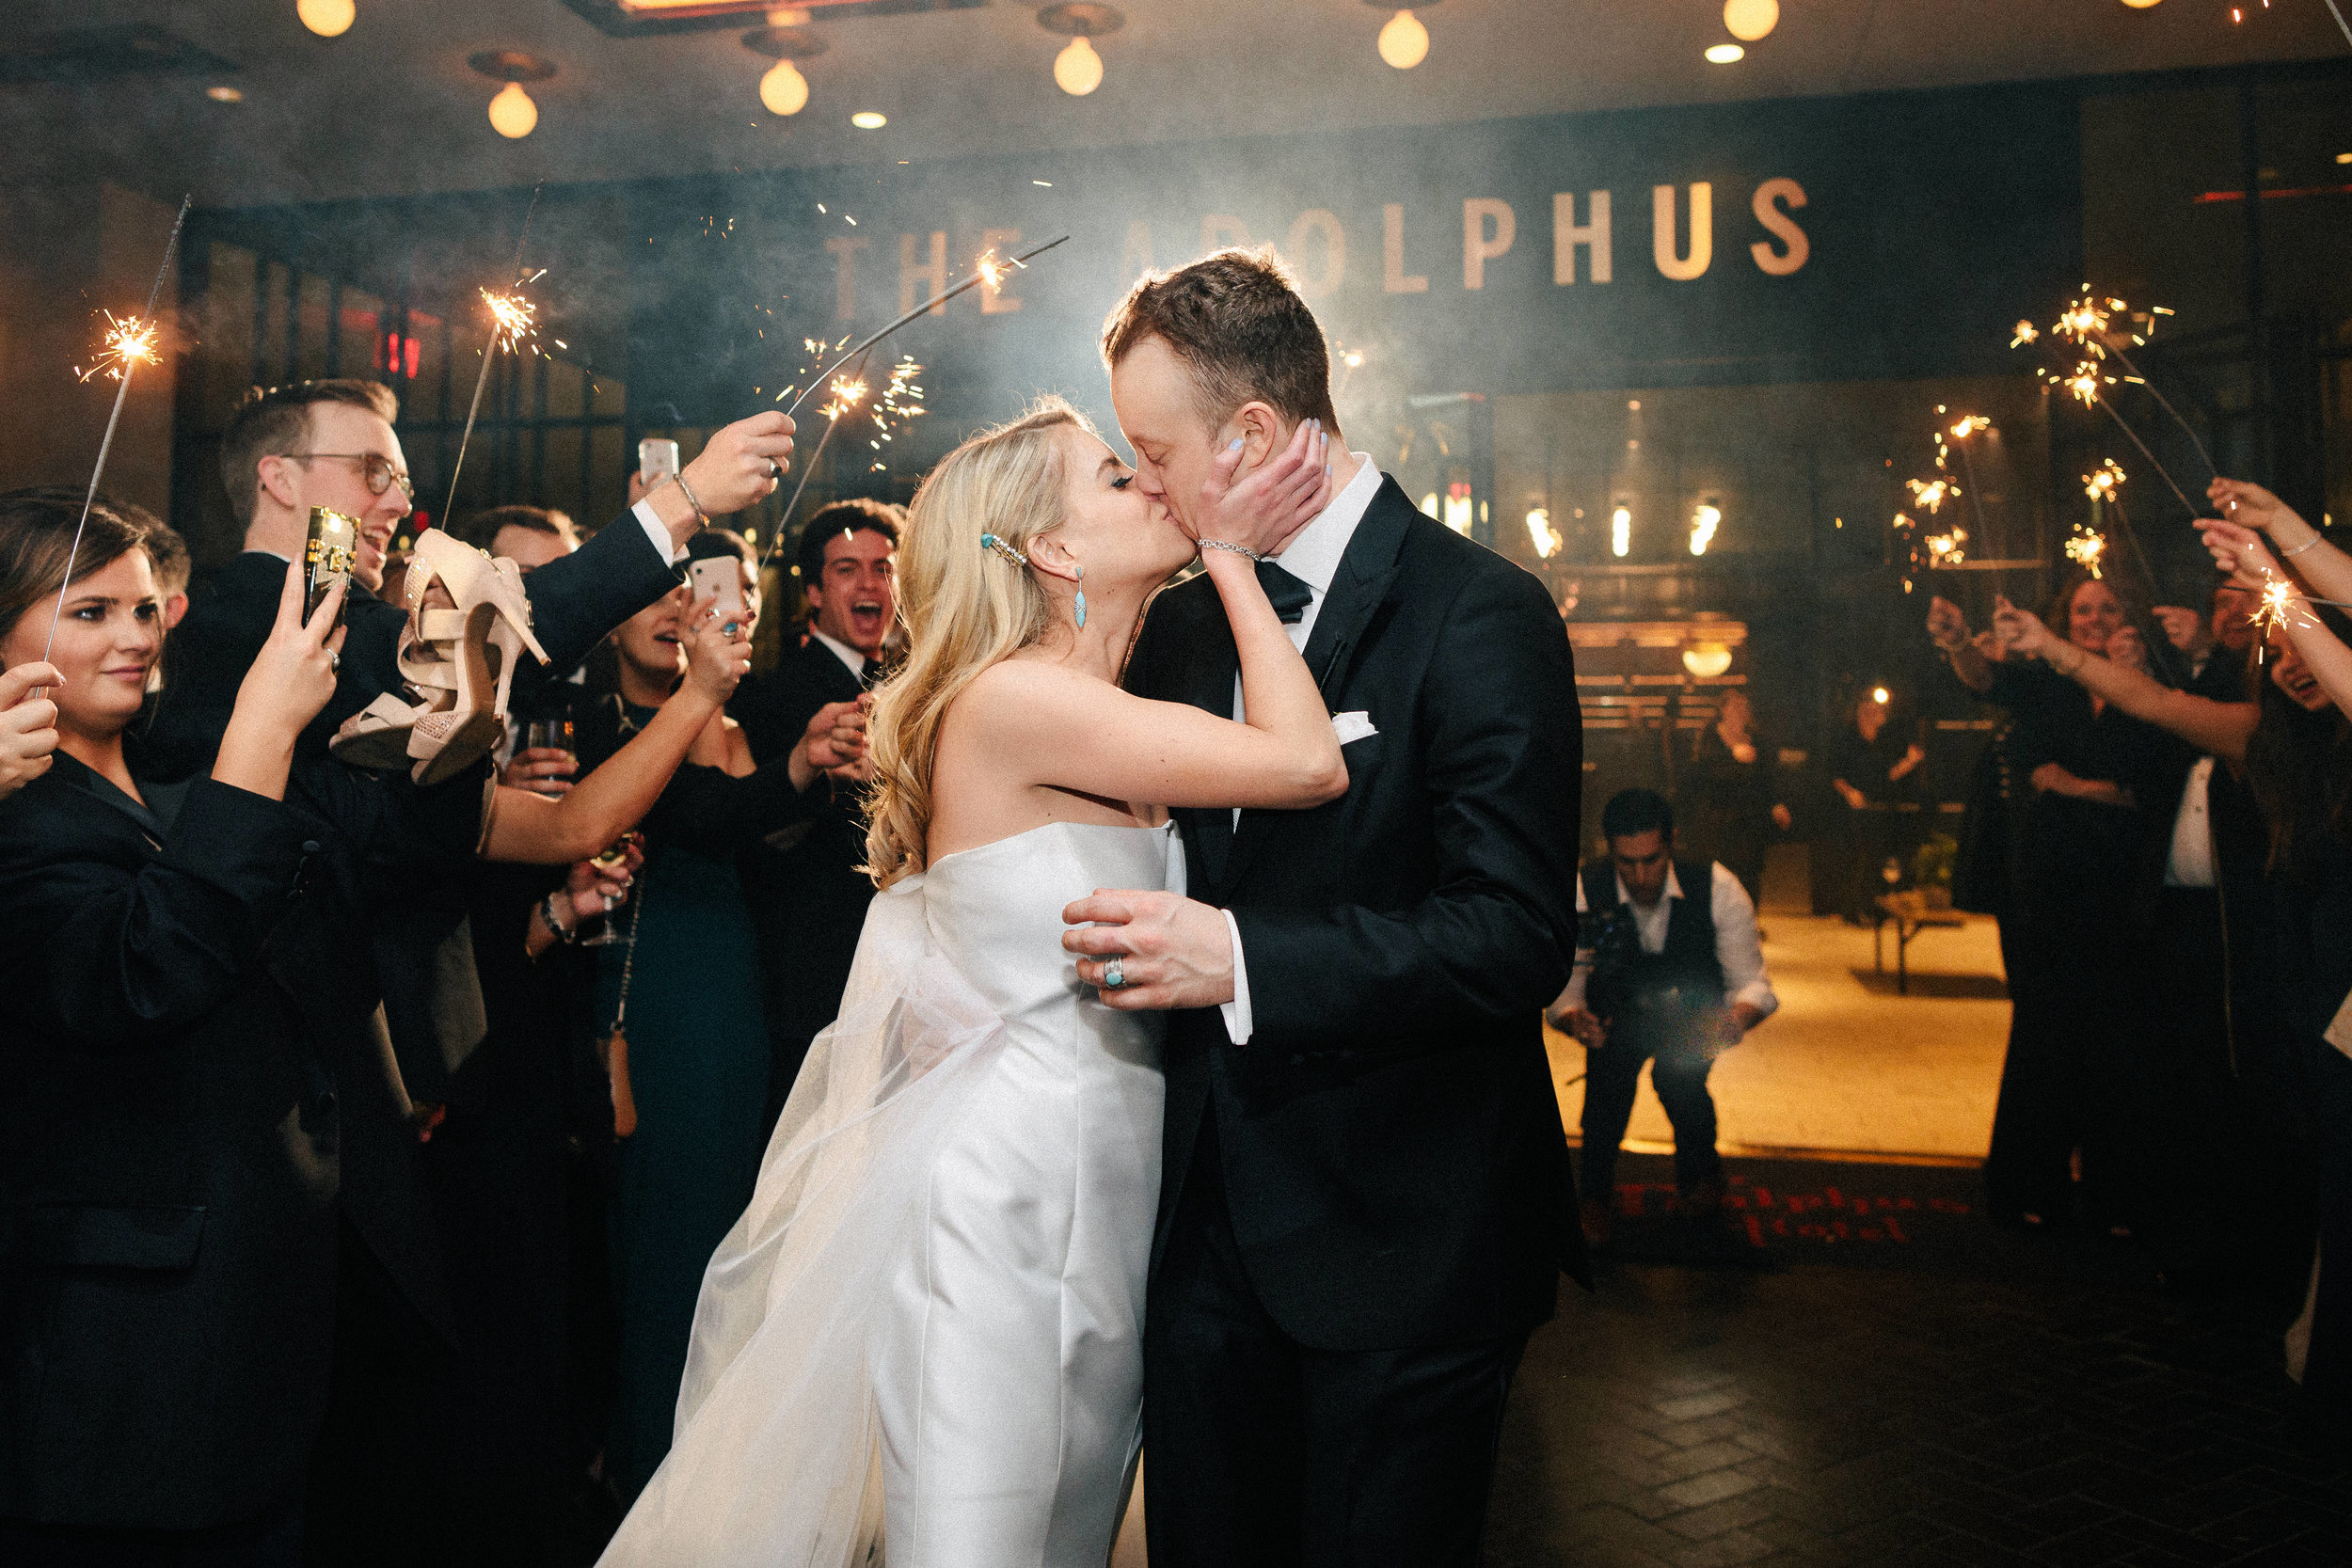 Reception - Adolphus Wedding - Dallas Wedding Planner - Allday Events - 335.jpg